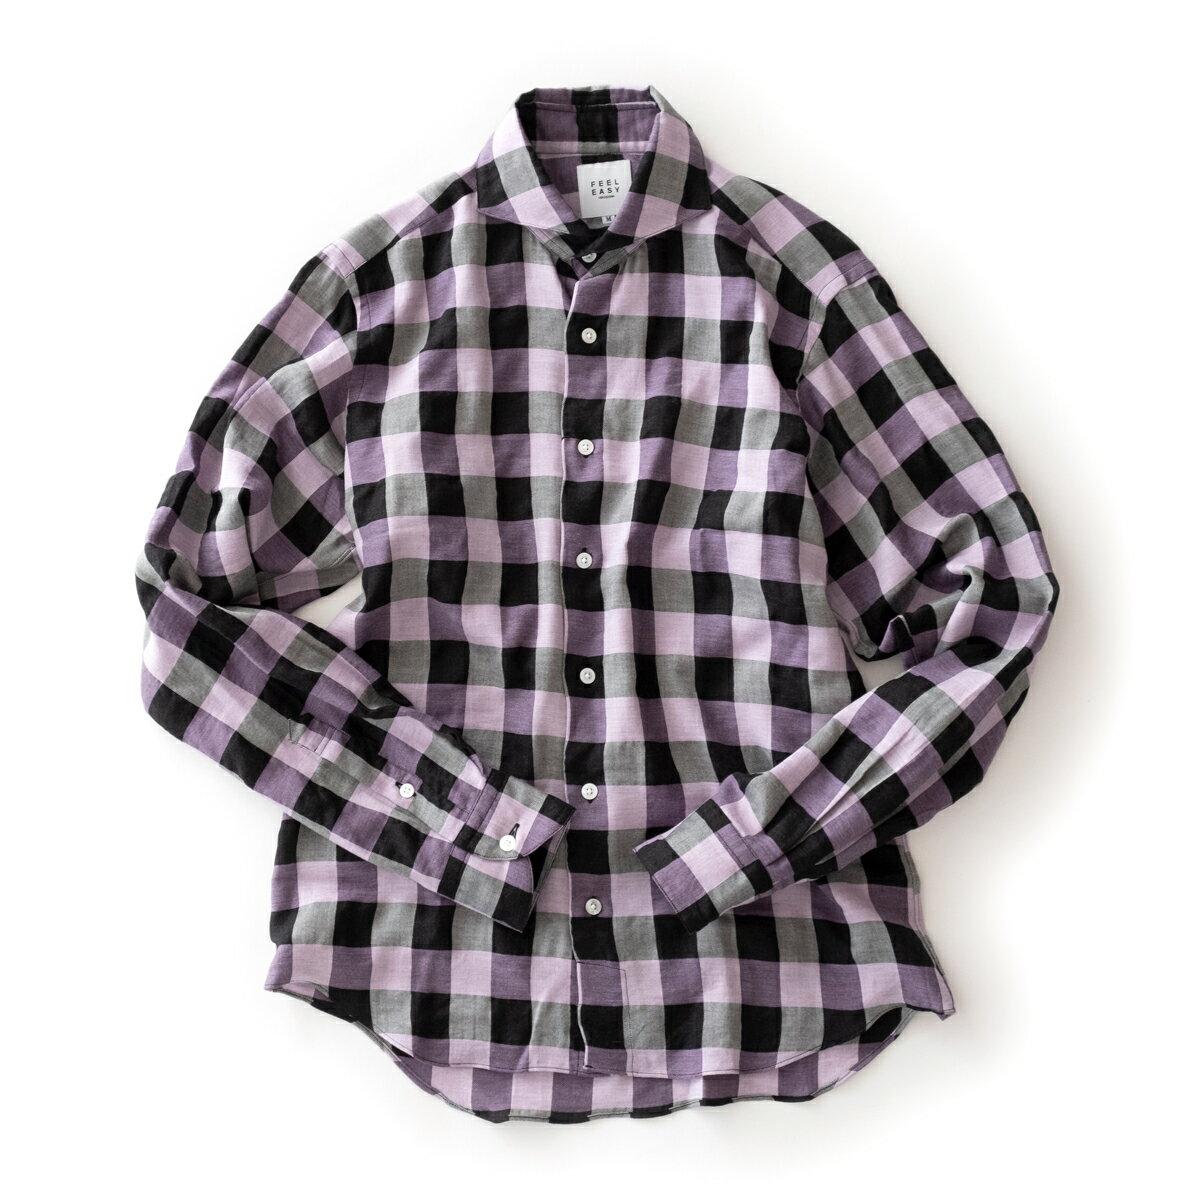 トップス, カジュアルシャツ FEEL EASY ORIGINAL BLOCK CHECK TENCEL SHIRT (Purple) FE-SH-7110